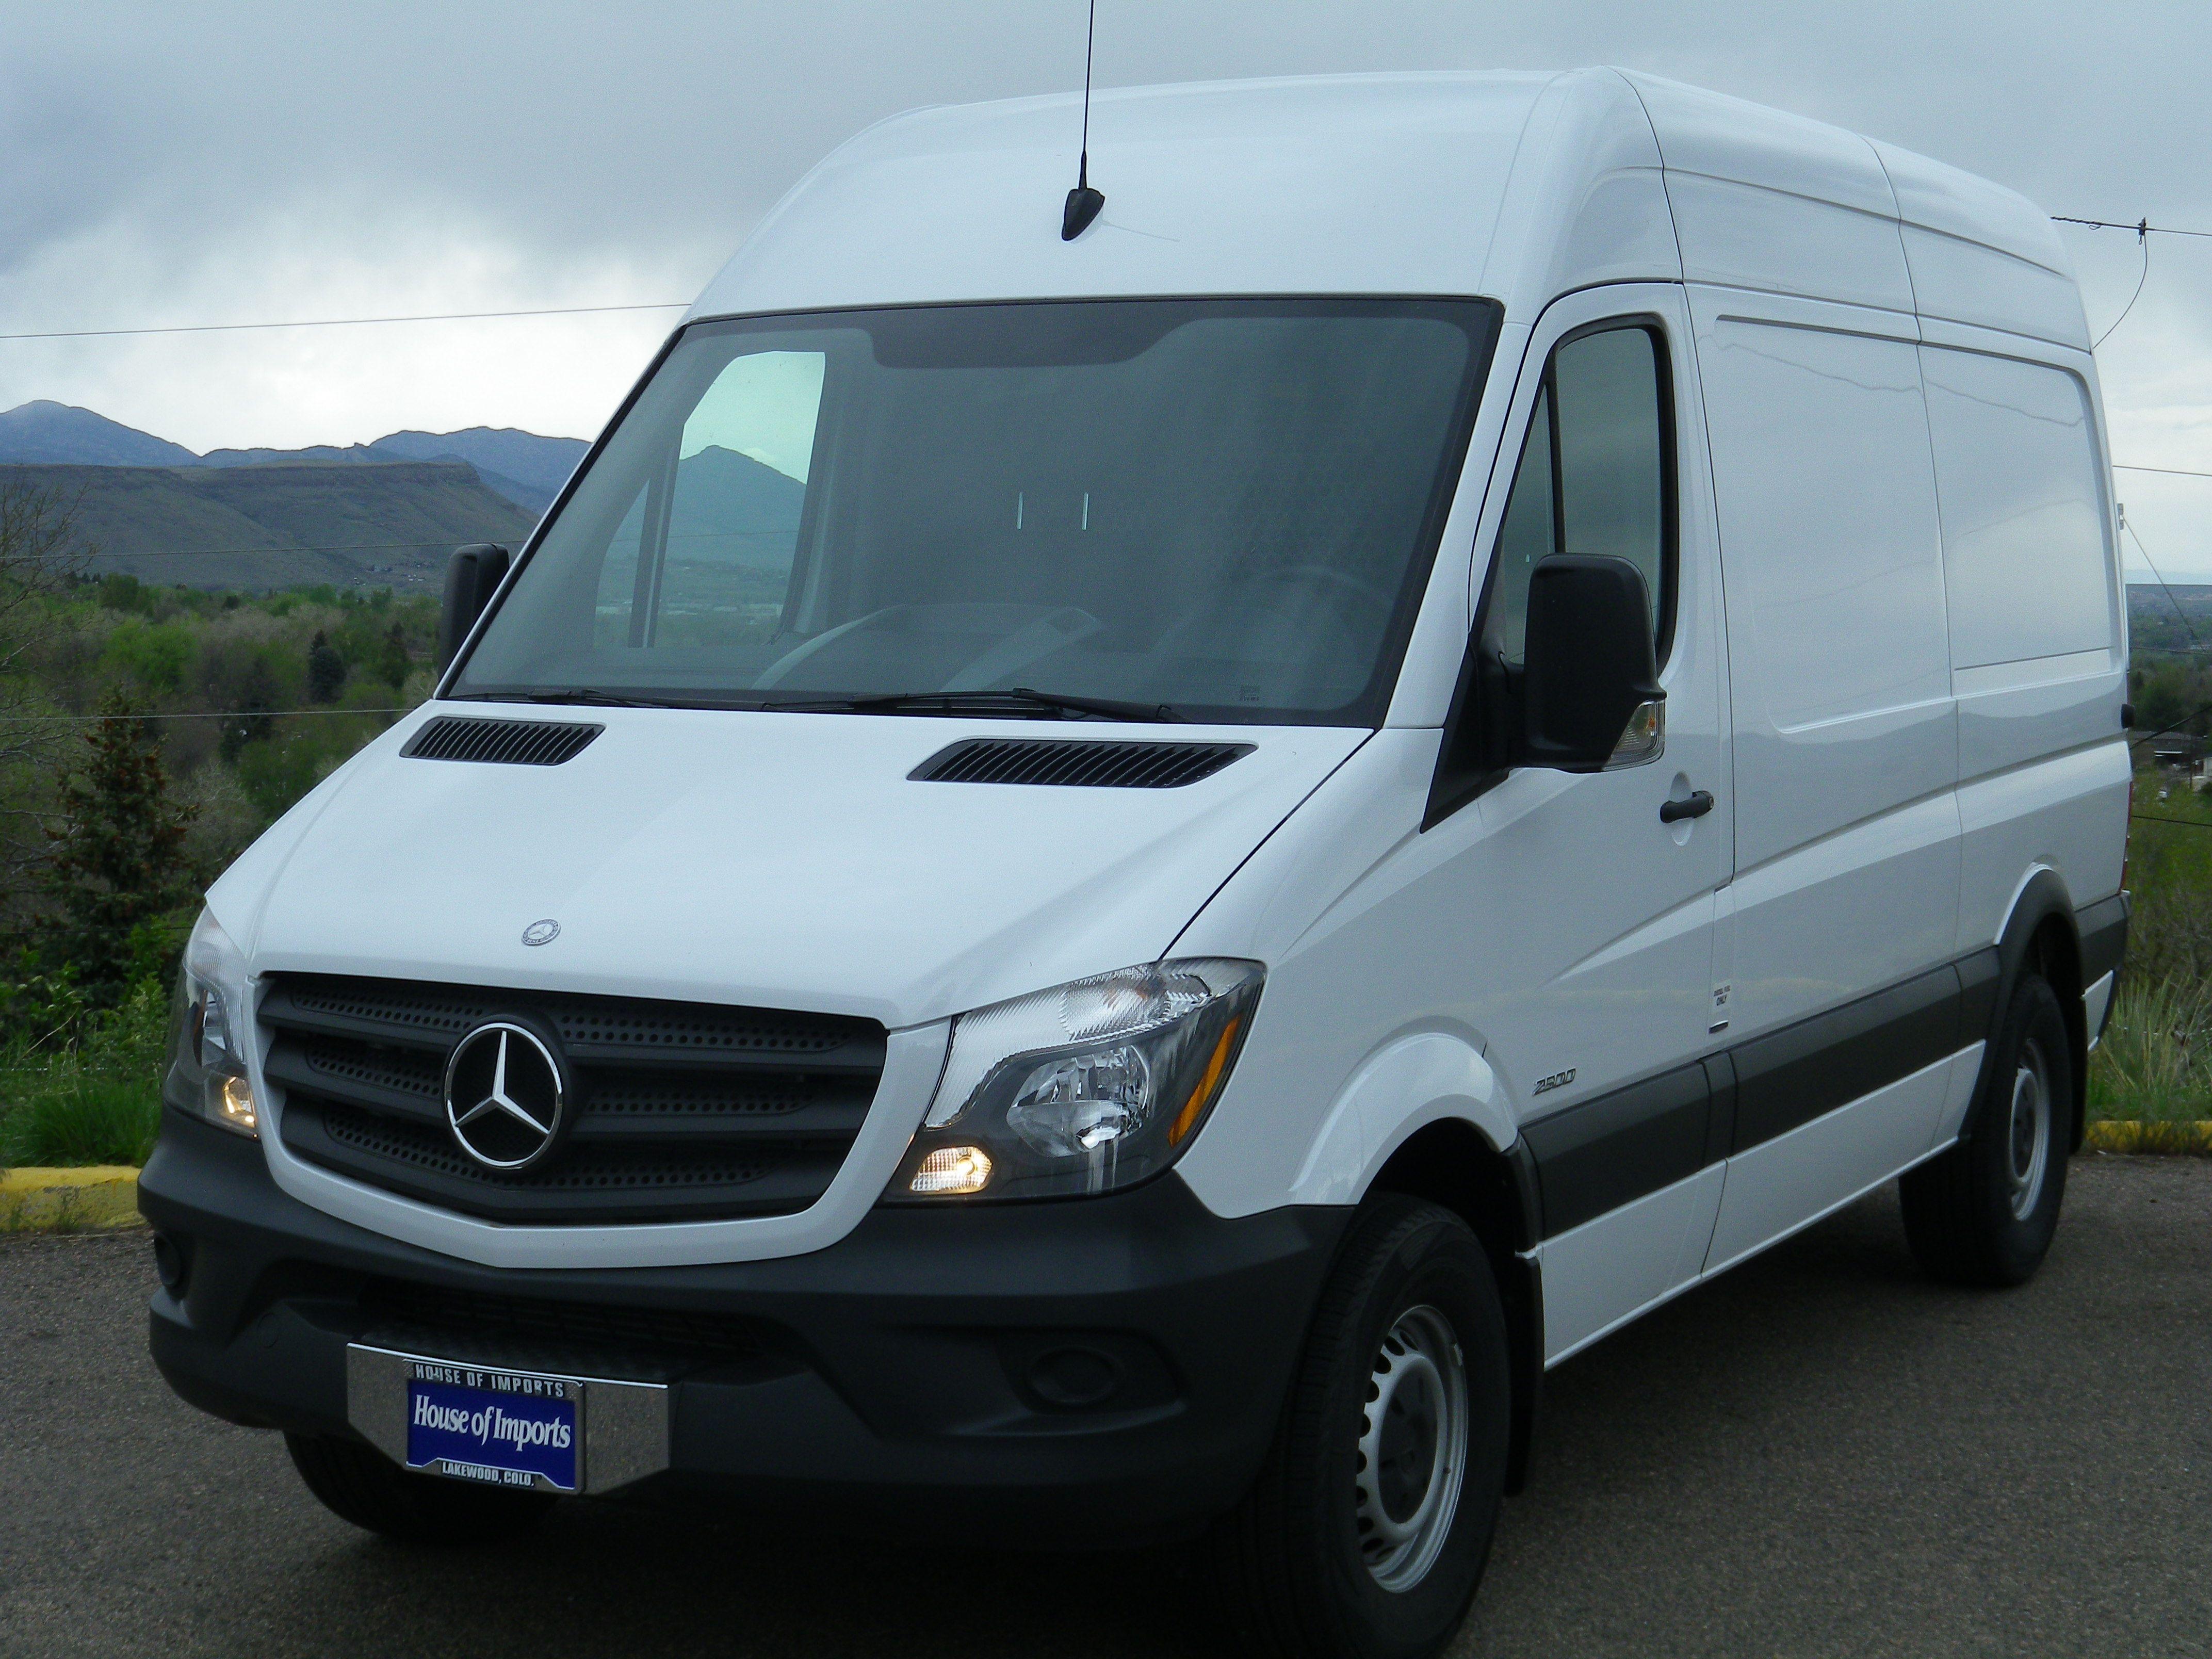 2014 Mercedes Benz Sprinter 2500 Cargo Van Odometer: 2,617